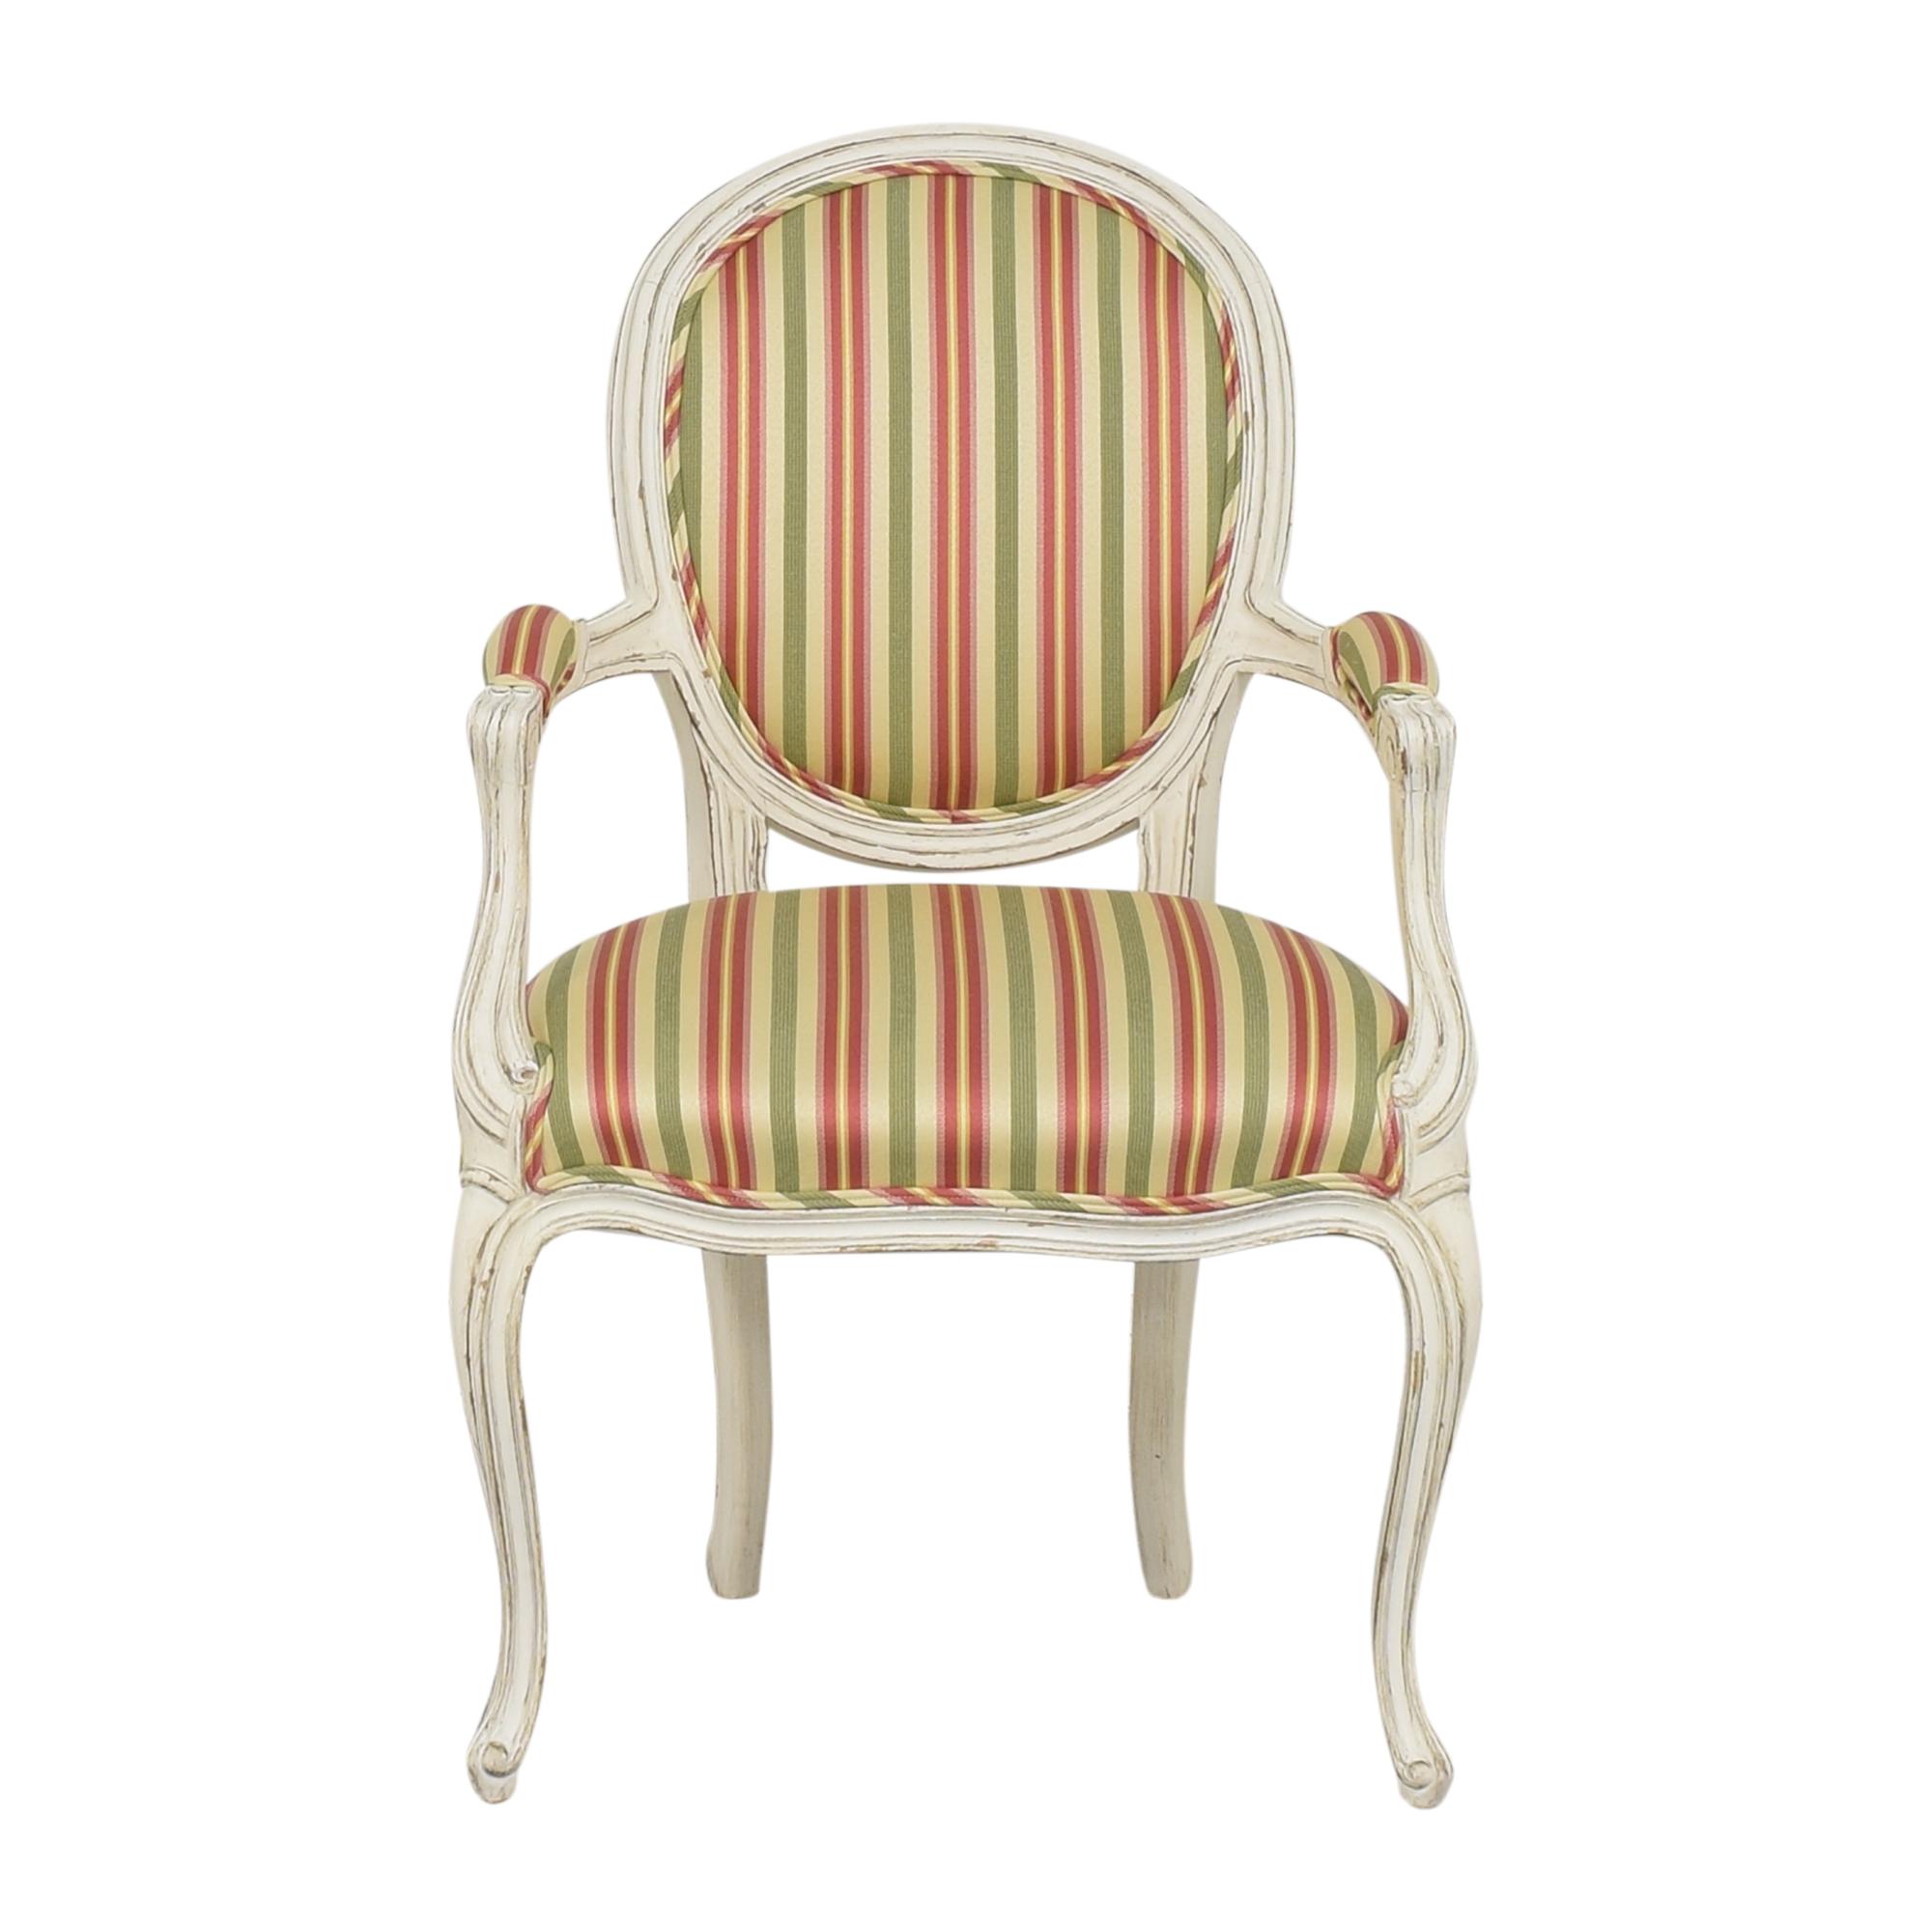 Pearson Queen Anne Striped Chair / Accent Chairs